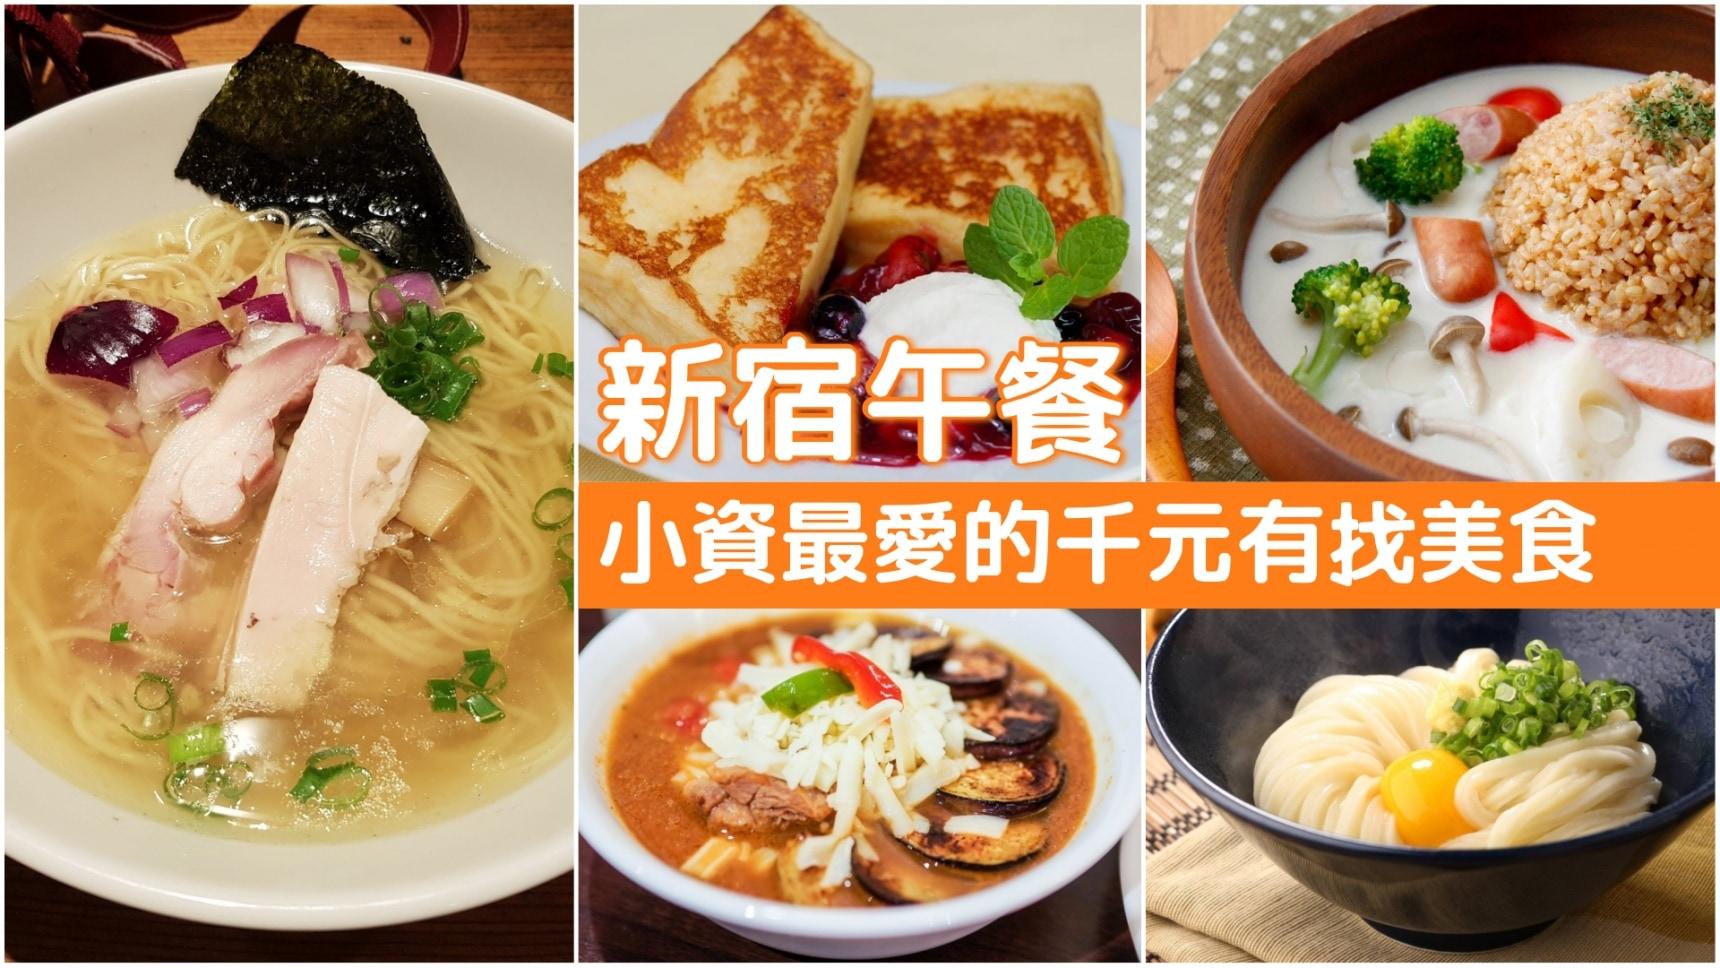 【新宿美食】俗又大碗&超高CP值!日幣1,000以內的午餐推薦